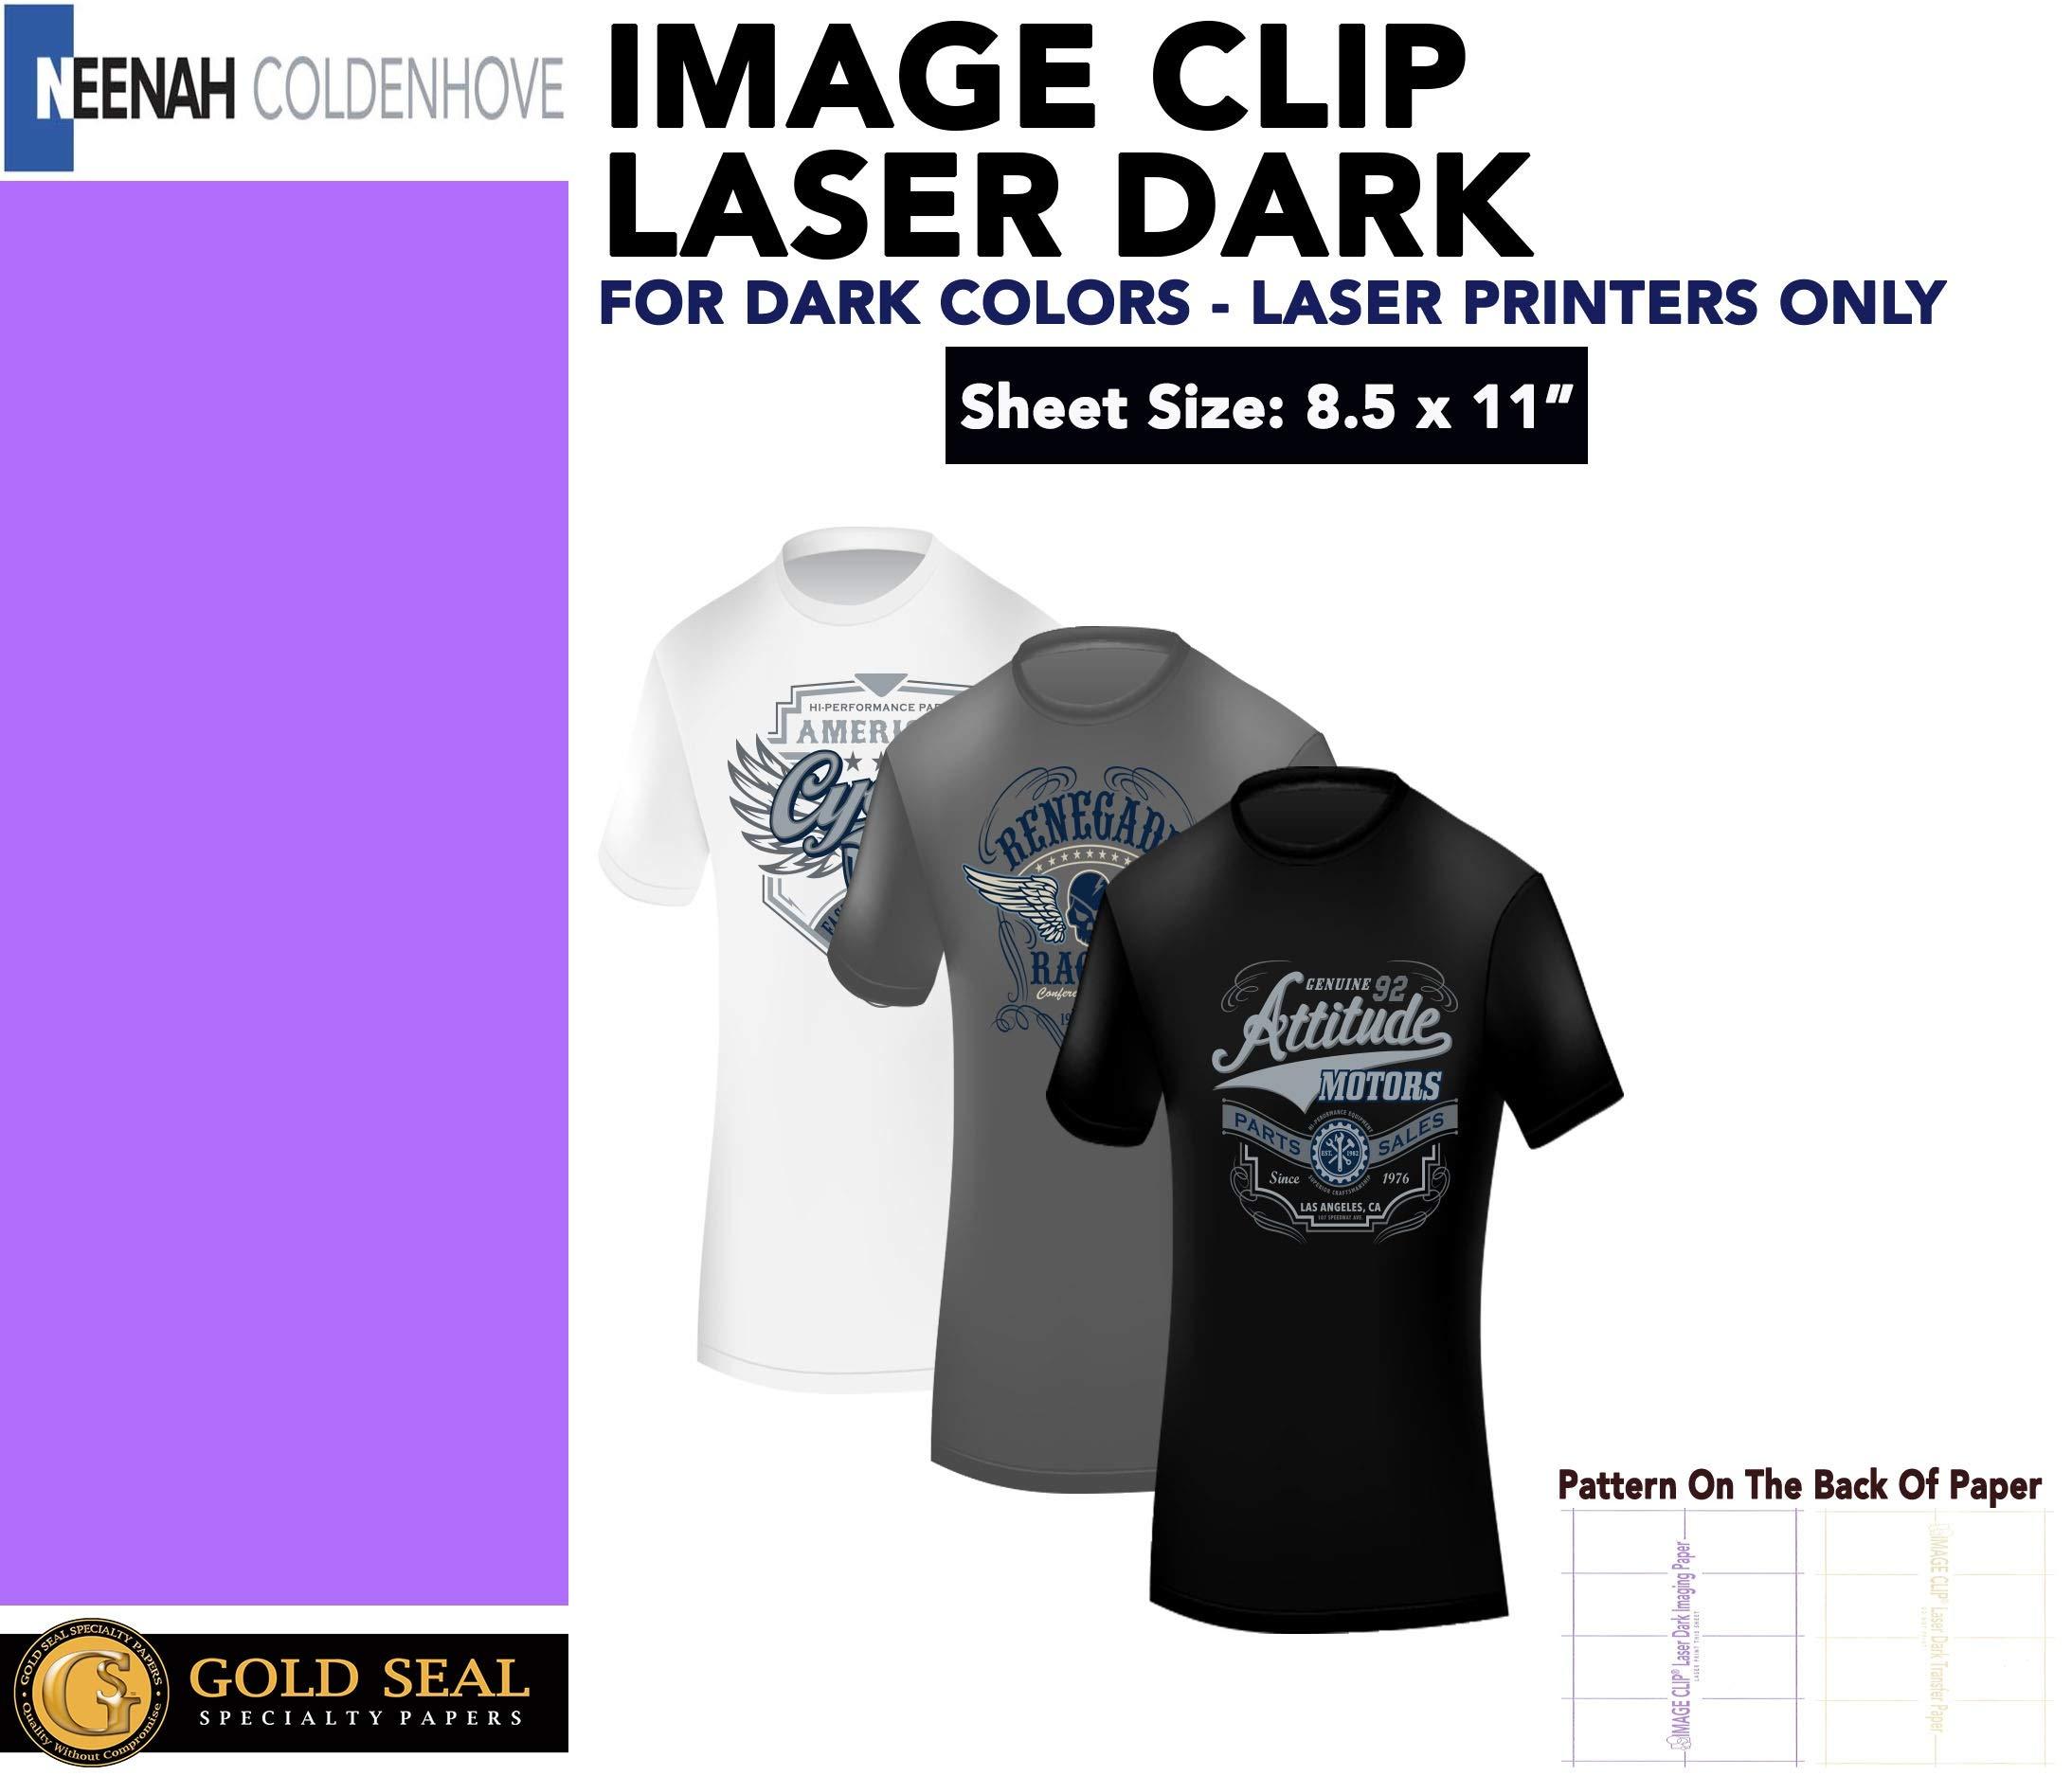 ImageClip Laser Dark Heat Transfer Paper 8.5''x11'' 100 Sheets